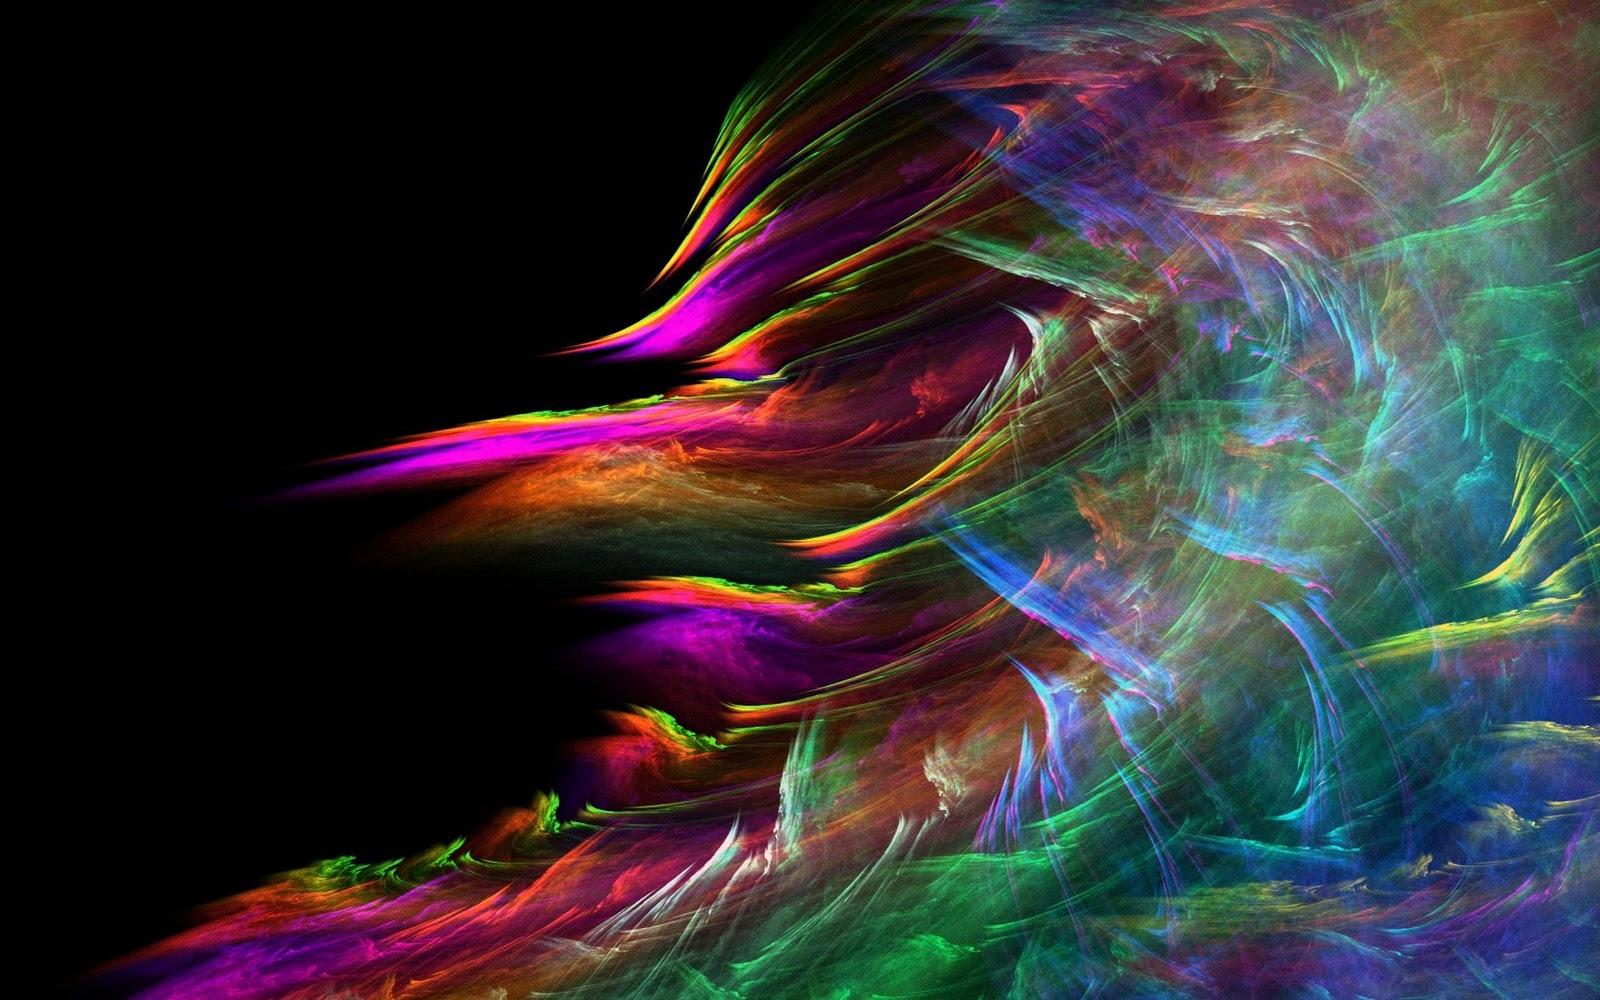 http://3.bp.blogspot.com/-ptexT4e1LE8/TqWWnLTjJvI/AAAAAAAAB9U/OEtQ3AzJEkw/s1600/Windstorm_fractal_wallpaper.jpg